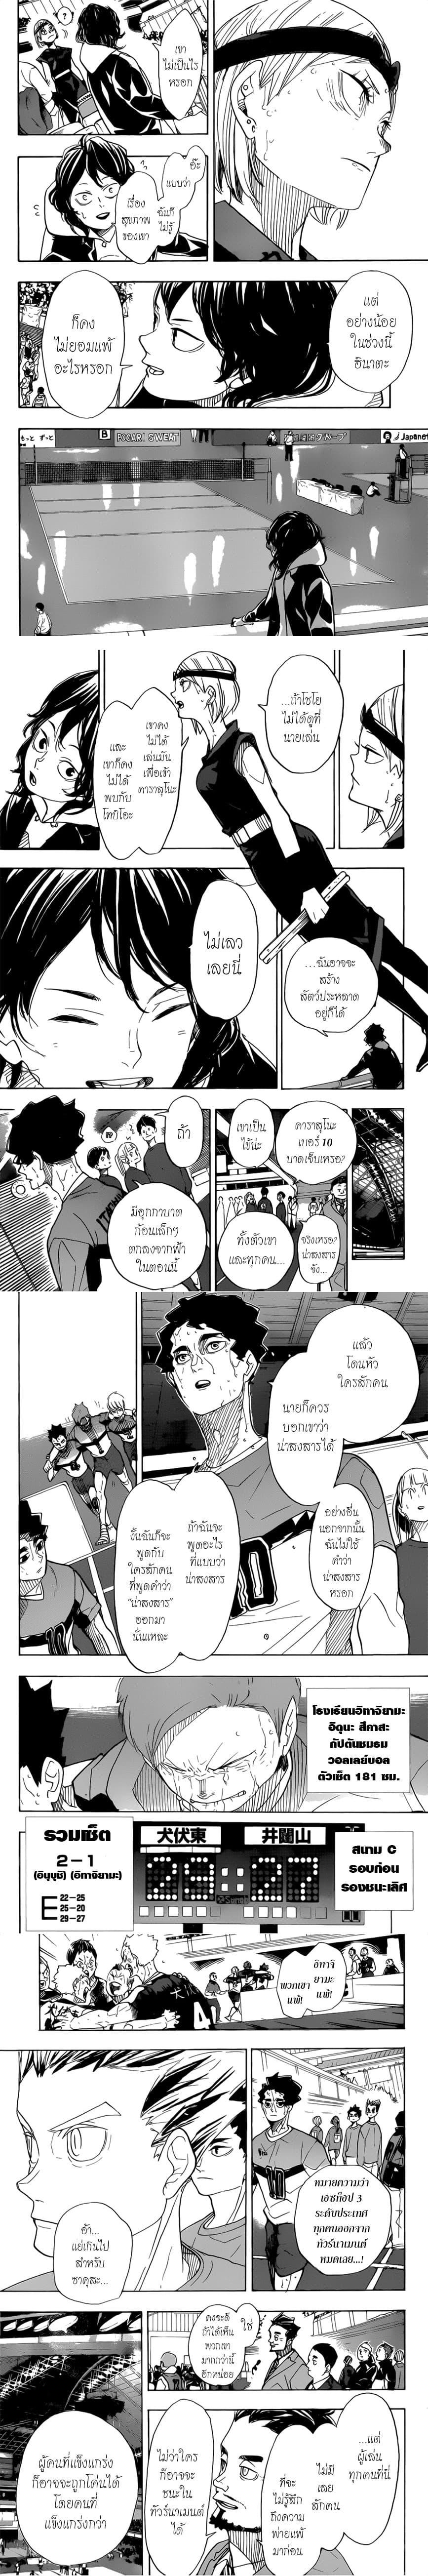 อ่านการ์ตูน Haikyuu!! ตอนที่ 368 หน้าที่ 10